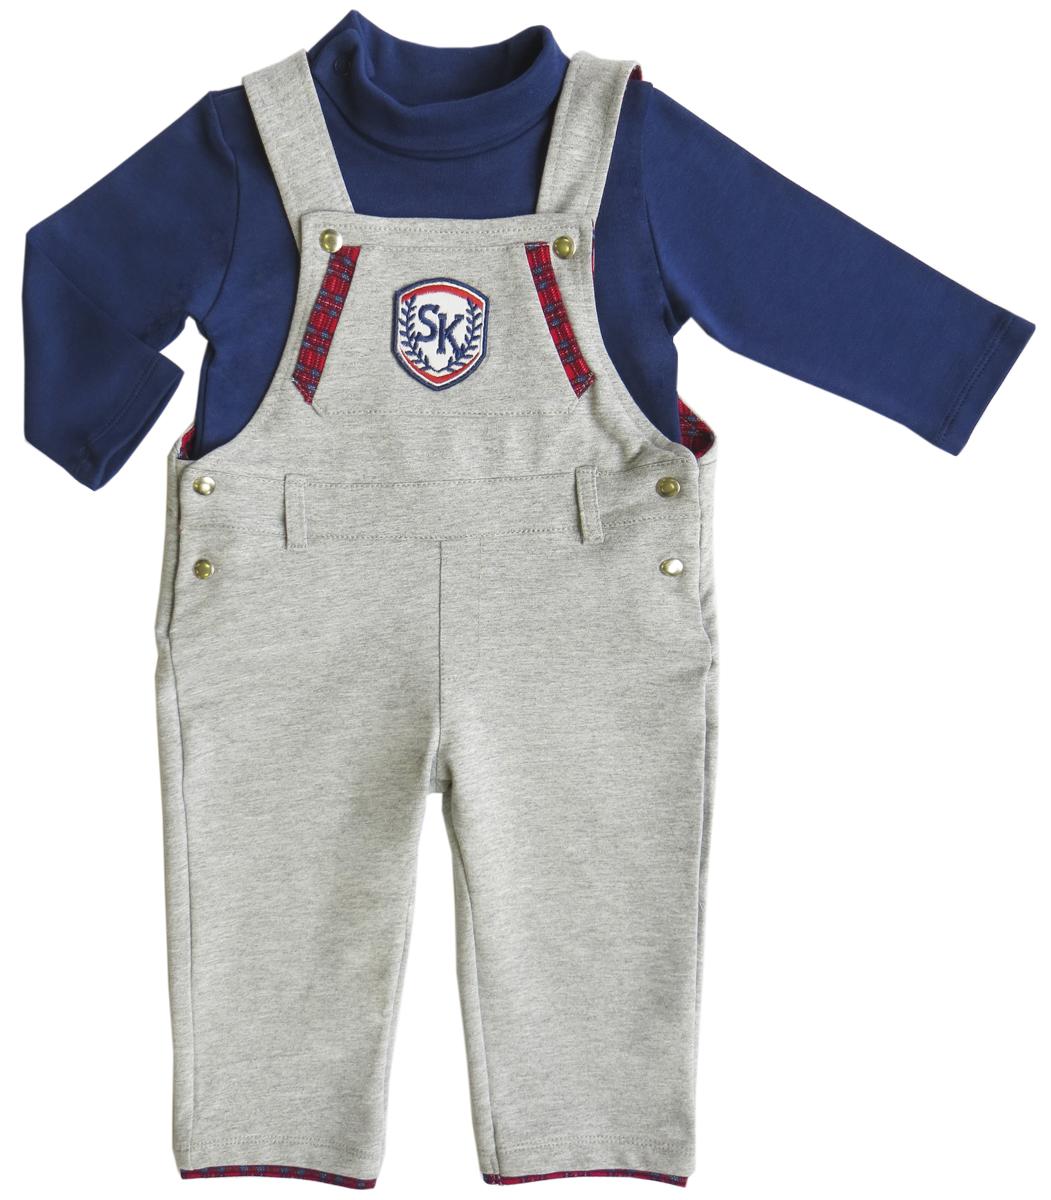 Комплект для мальчика Soni Kids Спортивная Академия: водолазка, полукомбинезон, цвет: синий, серый. З6121003. Размер 86 soni kids боди водолазка для мальчика soni kids